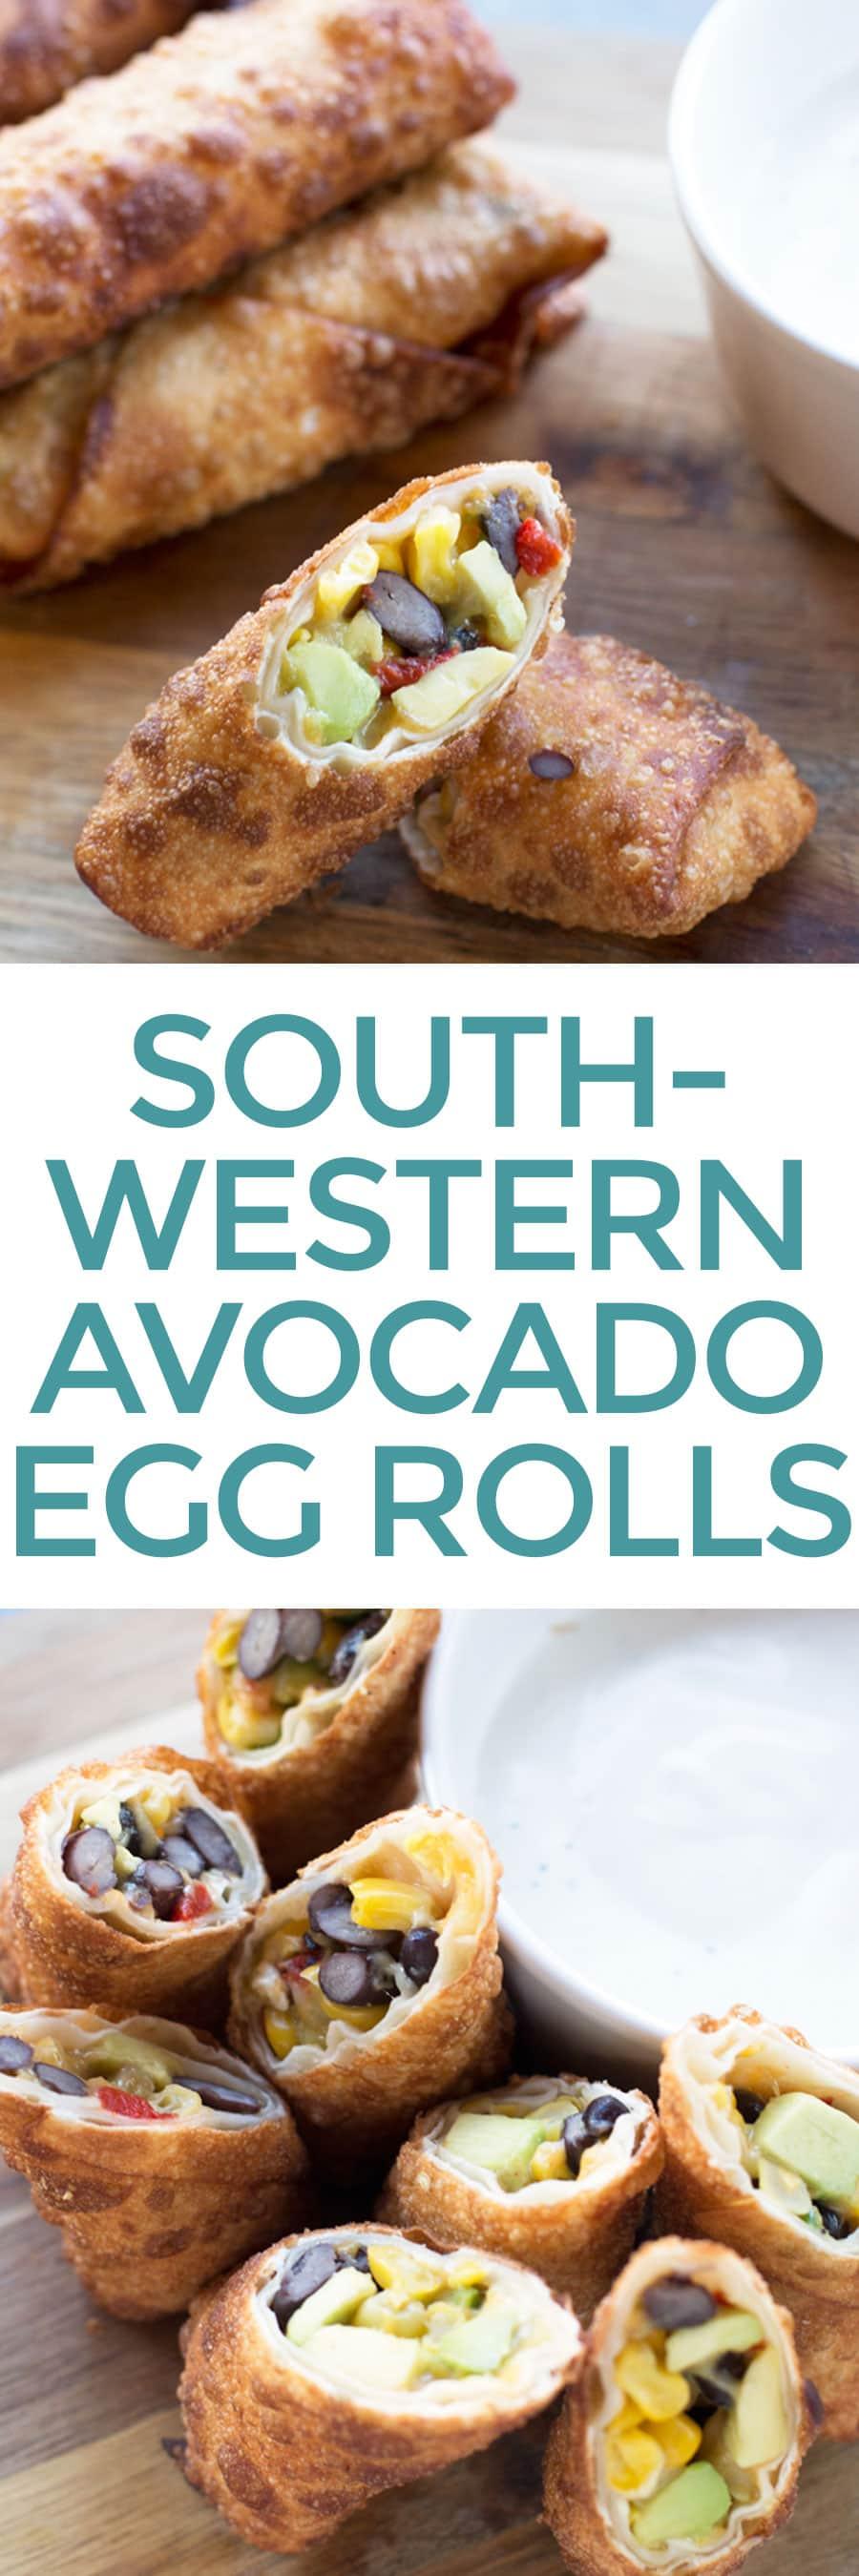 Southwestern Avocado Egg Rolls | cakenknife.com